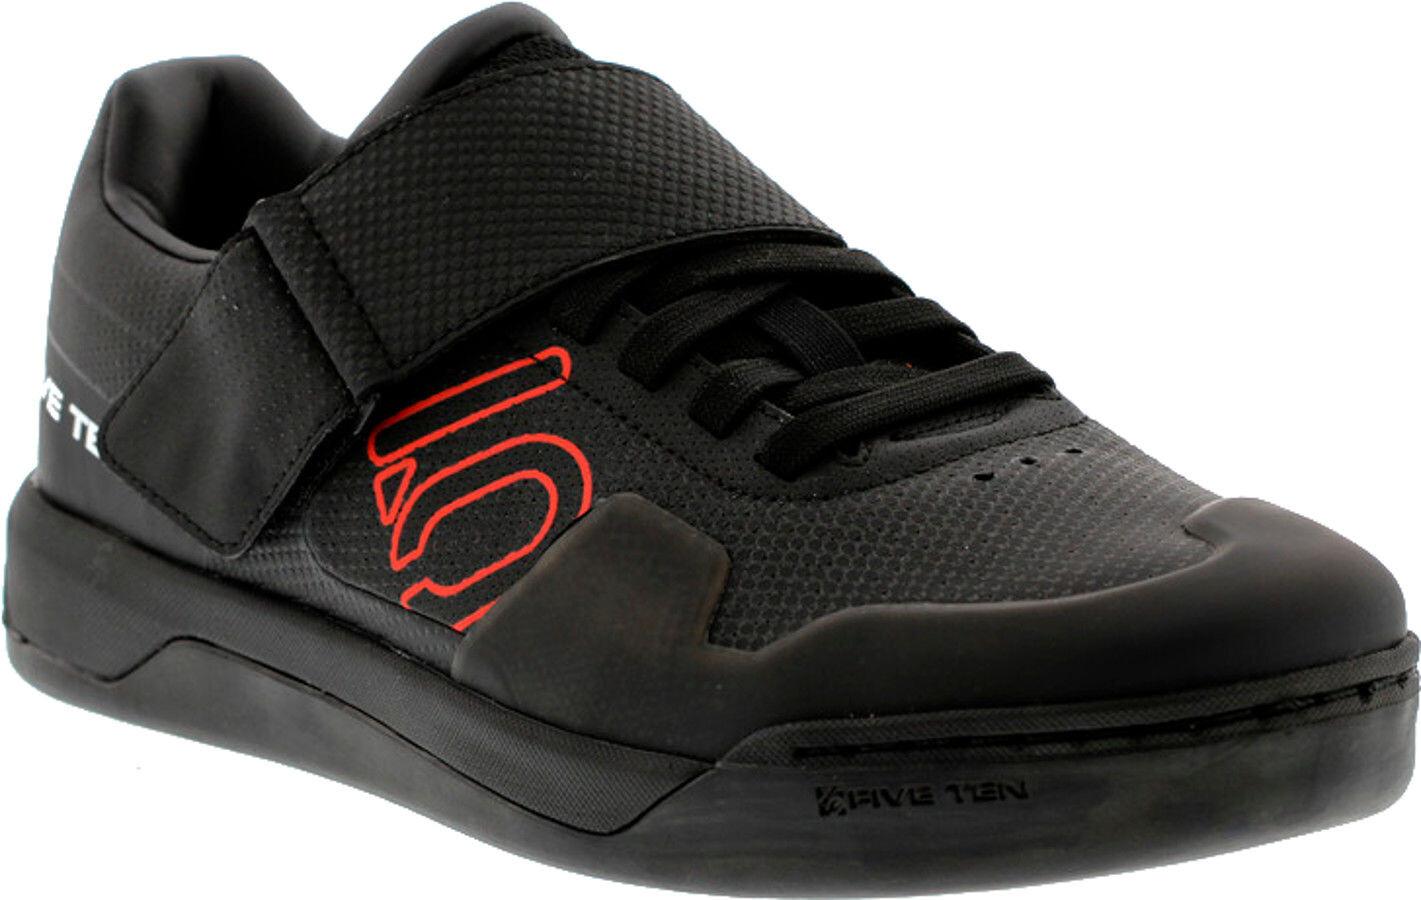 Sidi S Pro Cycling Shoes